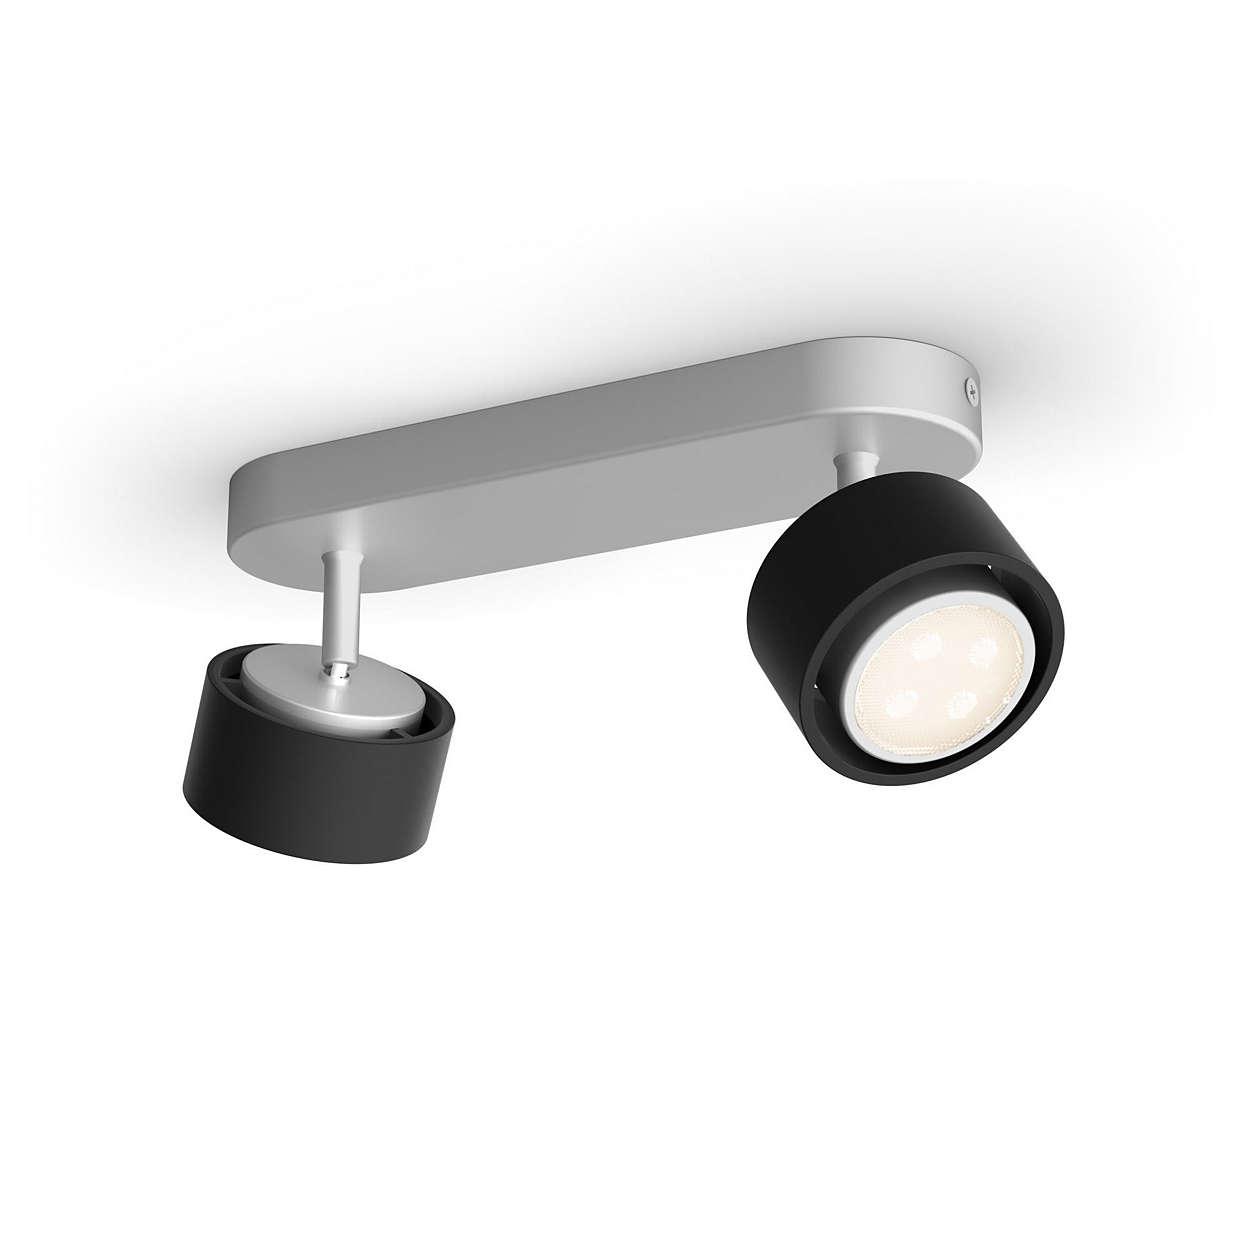 Άνετο φως LED που είναι ευχάριστο για τα μάτια σας